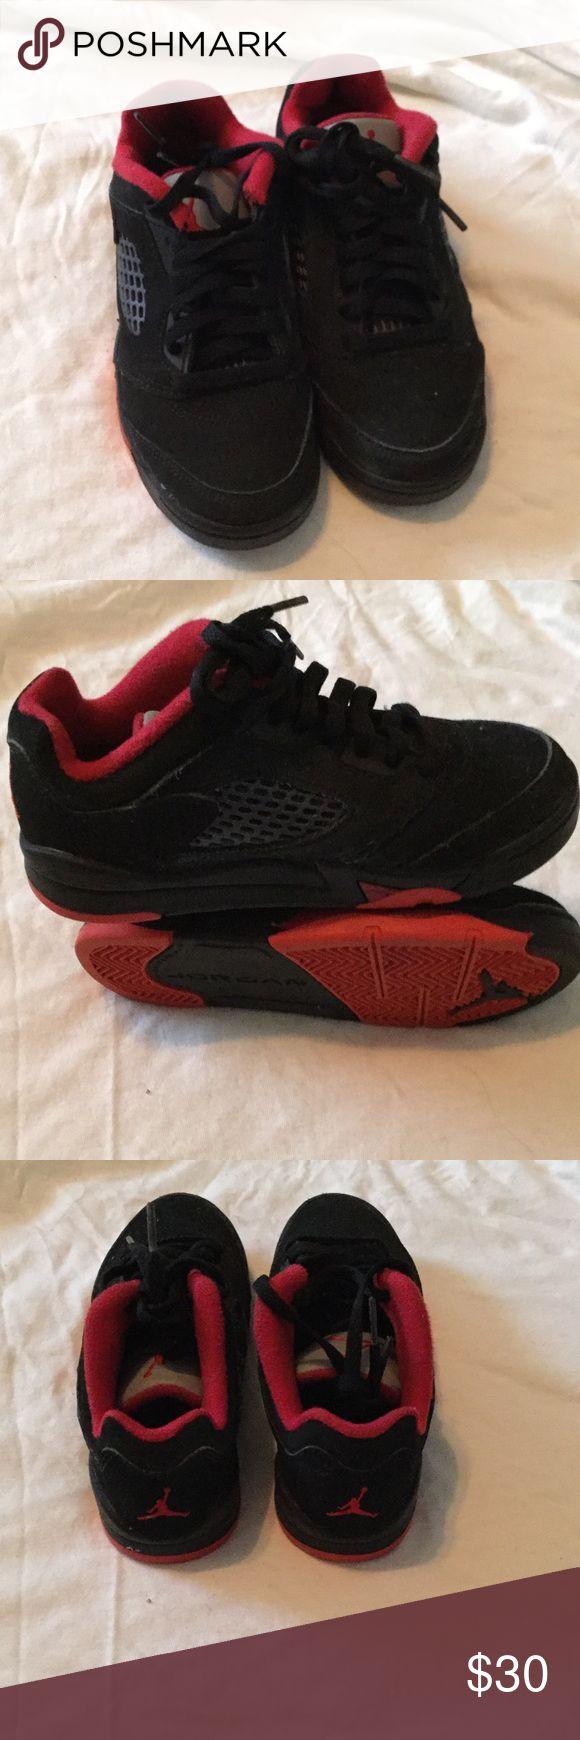 Kids Jordan's Gently worn red and black kids sneakers Jordan Shoes Sneakers